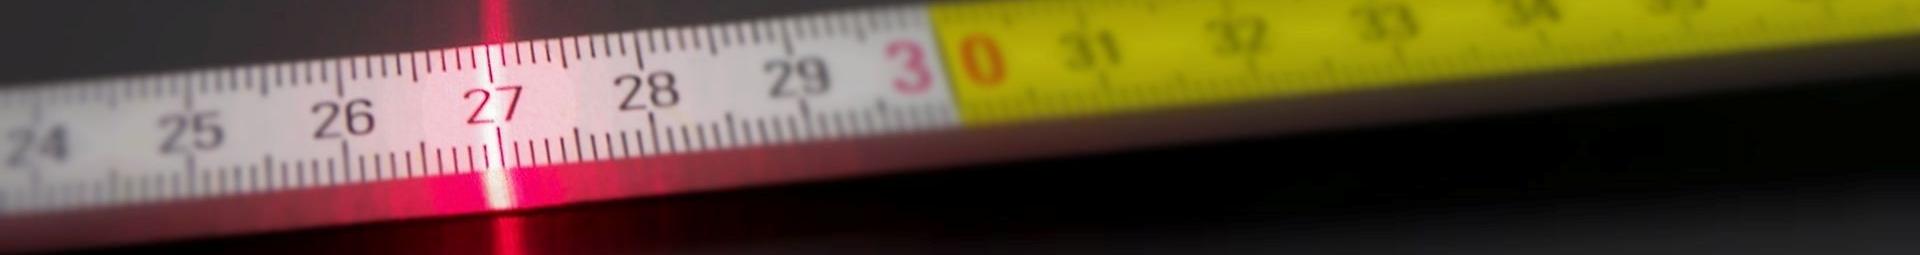 Vetro Opaco Colorato